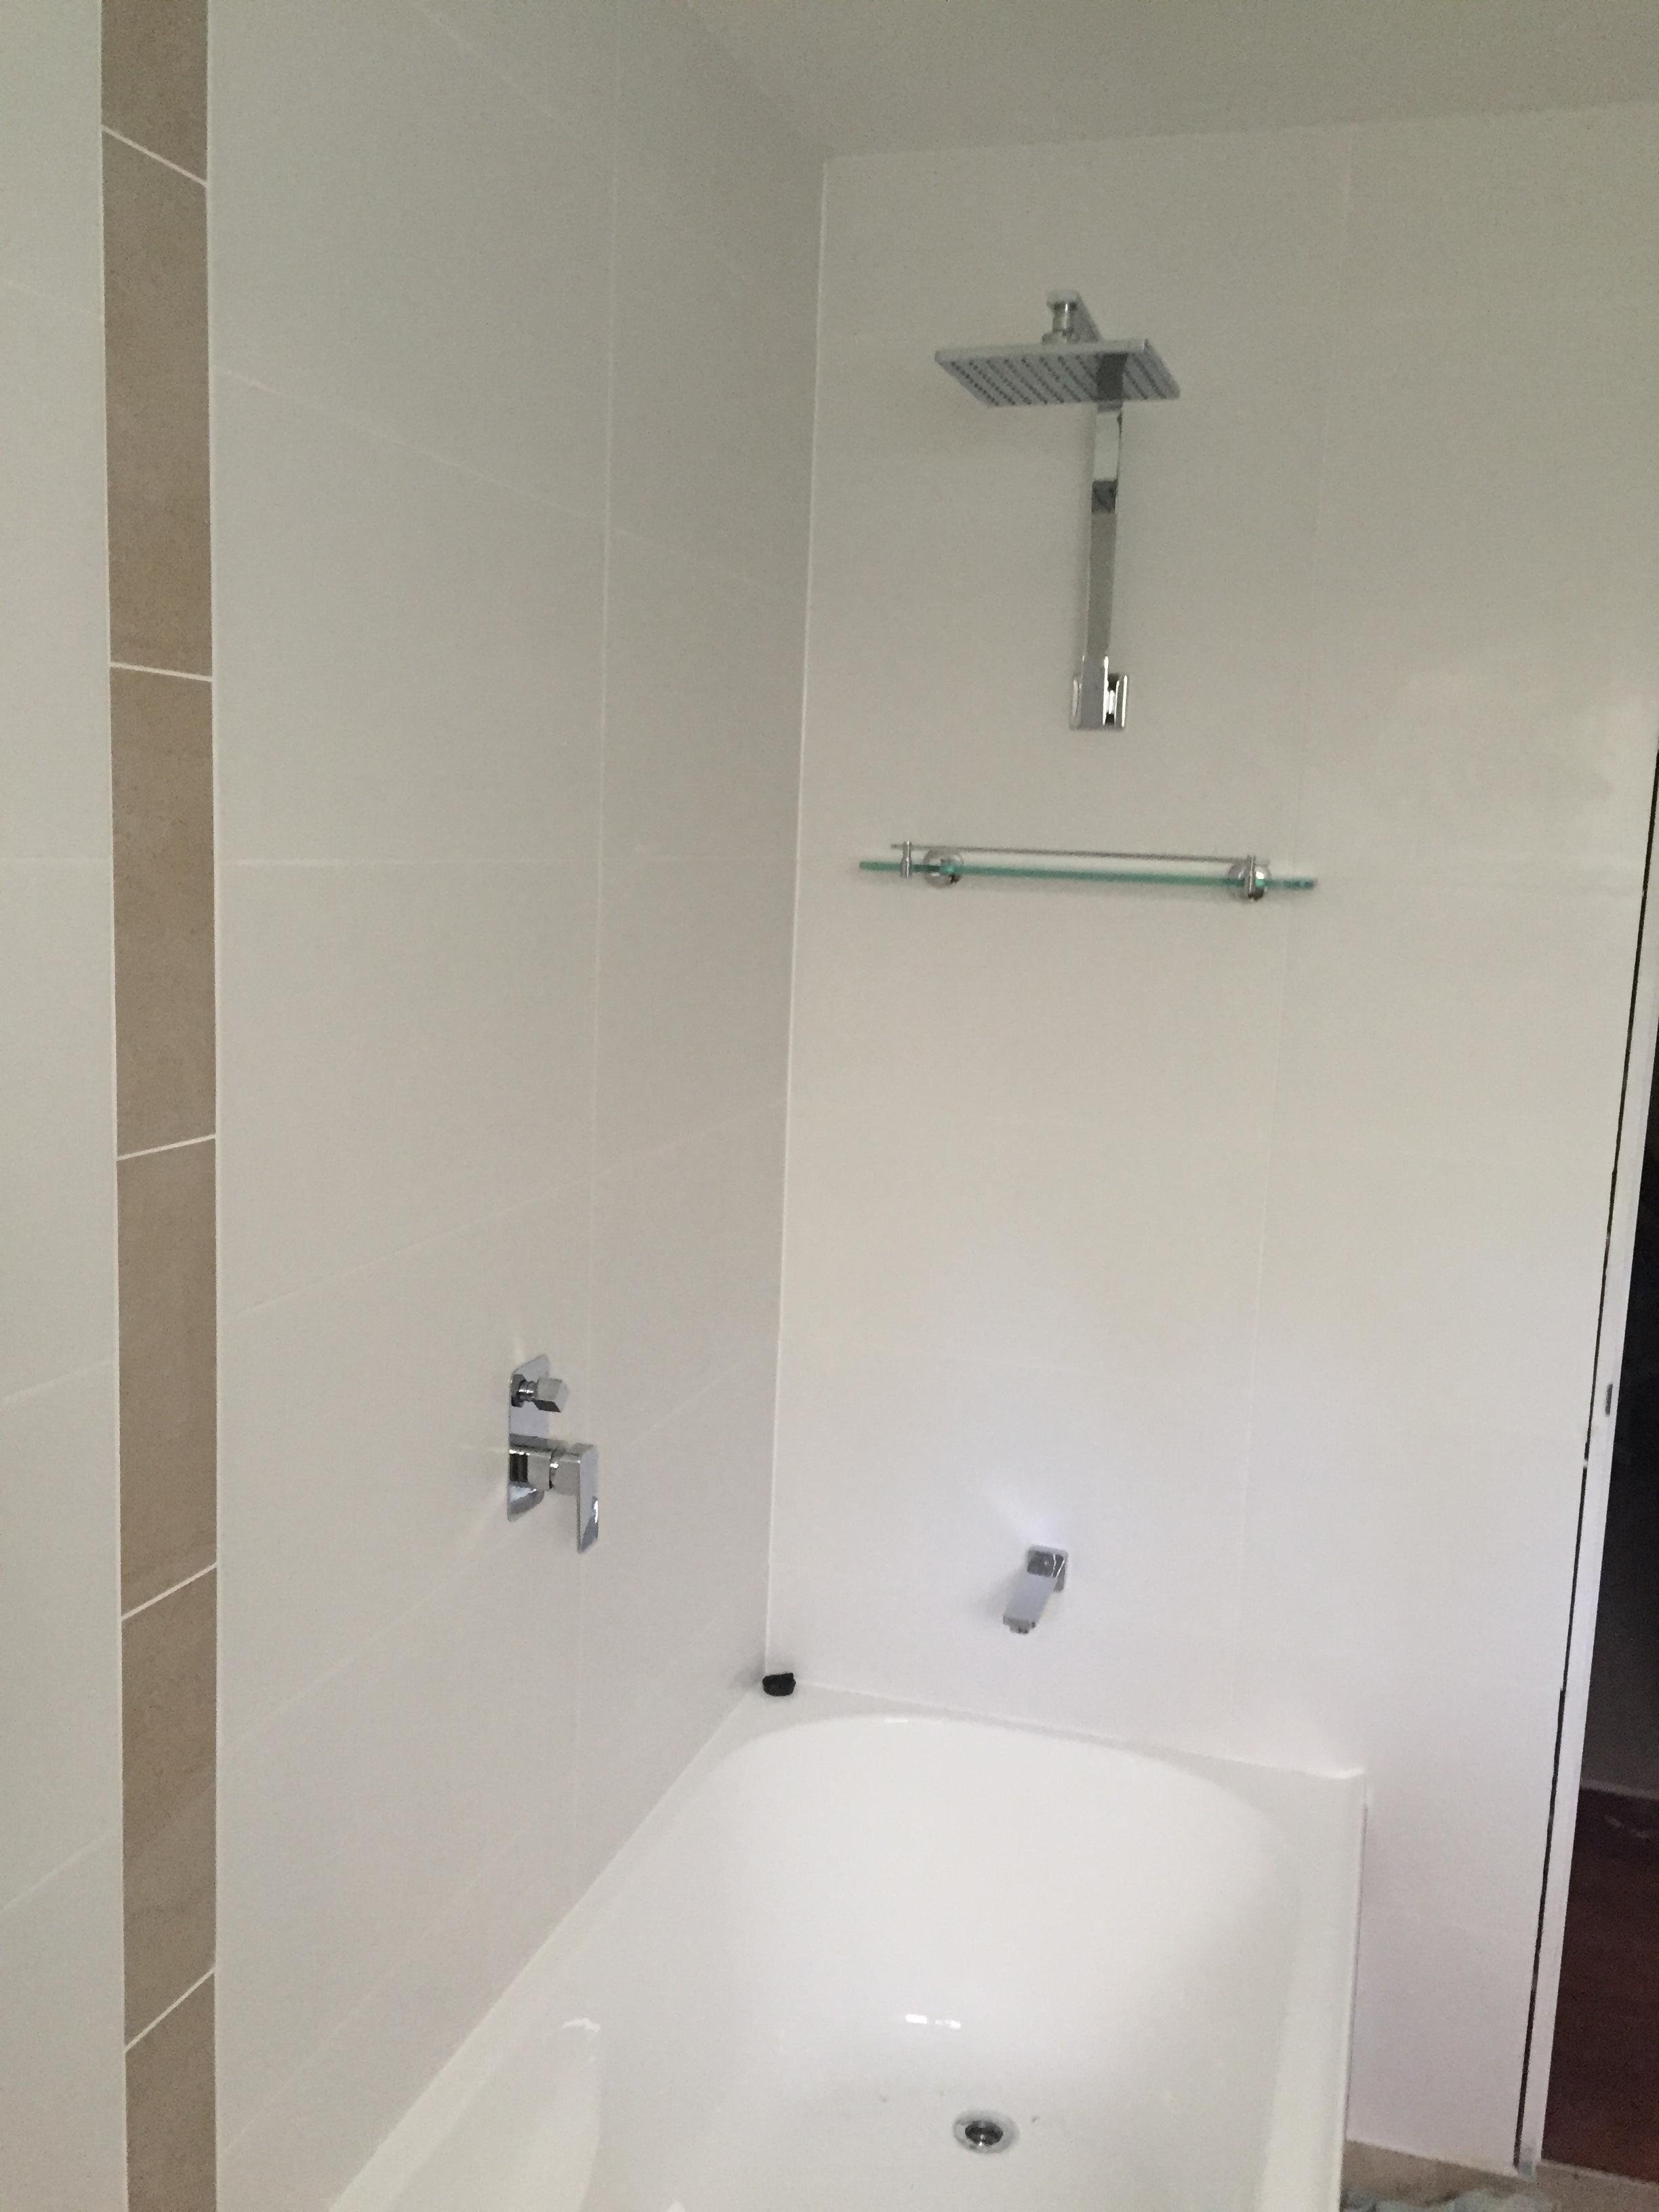 new bath & shower in bathroom